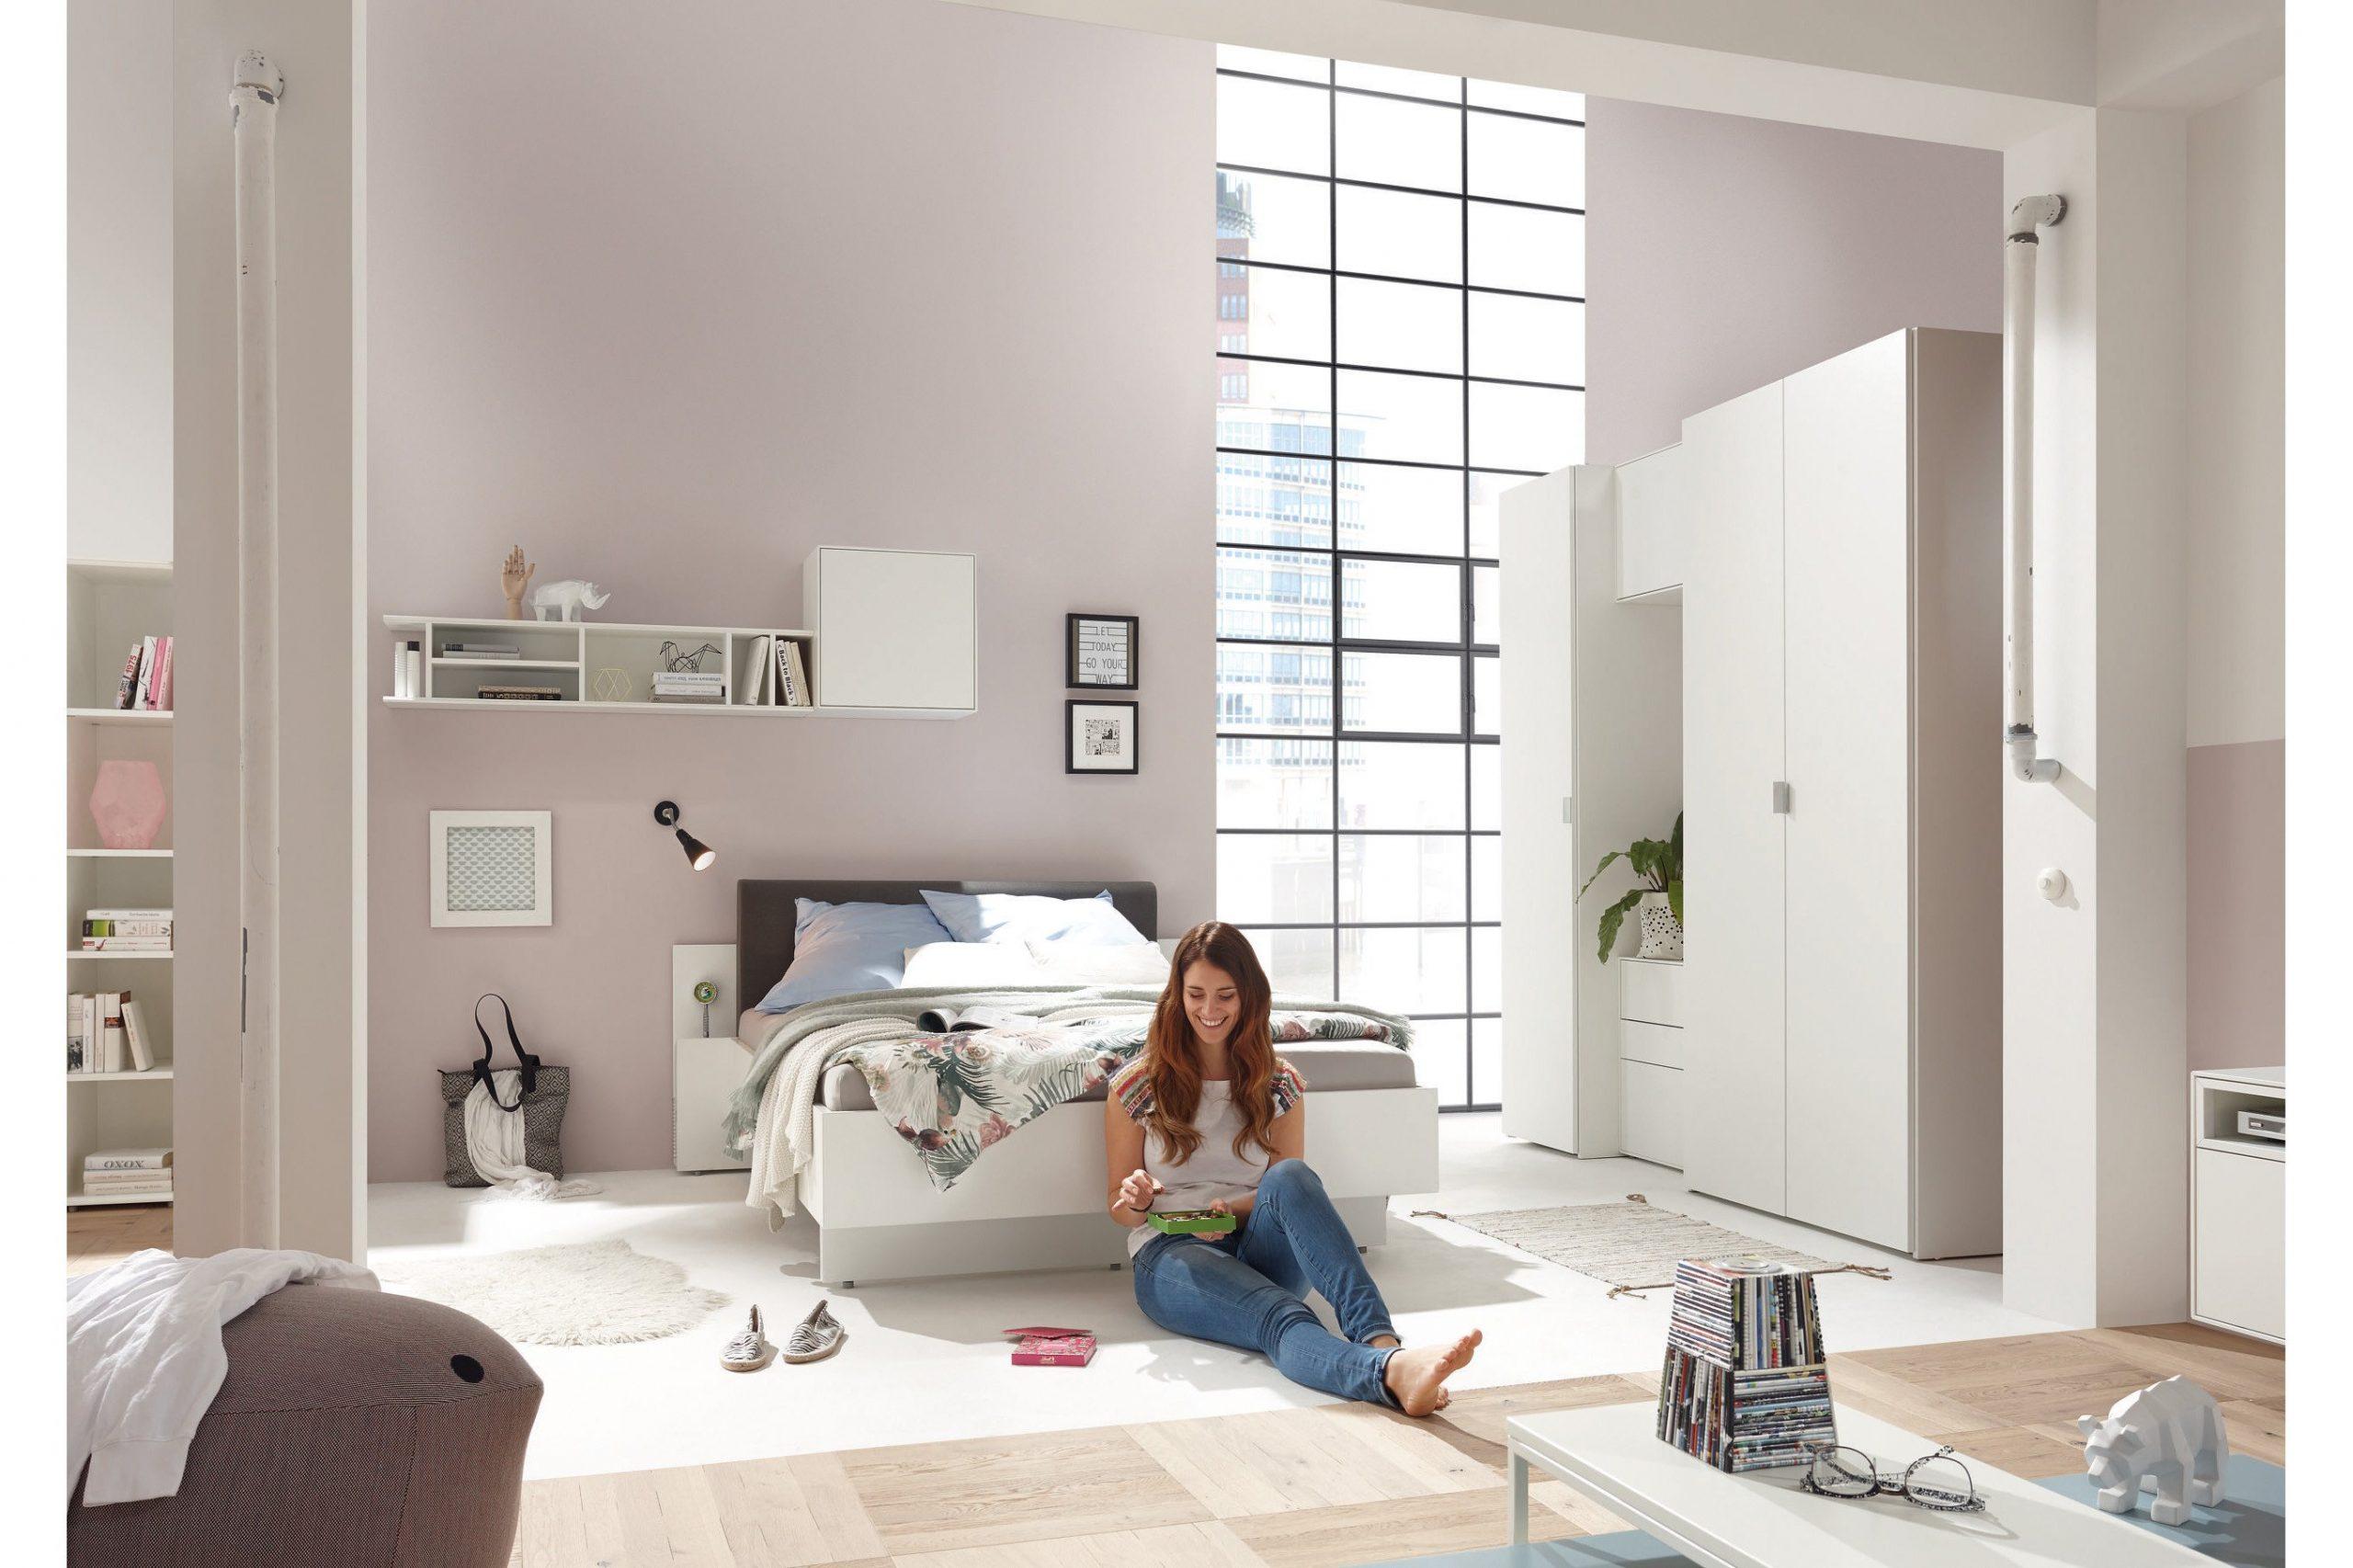 Full Size of Wandleuchte Schlafzimmer Deckenleuchte Schimmel Im Schranksysteme Rauch Kommoden Teppich Stuhl Für Tapeten Set Günstig Kronleuchter Wandtattoo Klimagerät Schlafzimmer Weißes Schlafzimmer